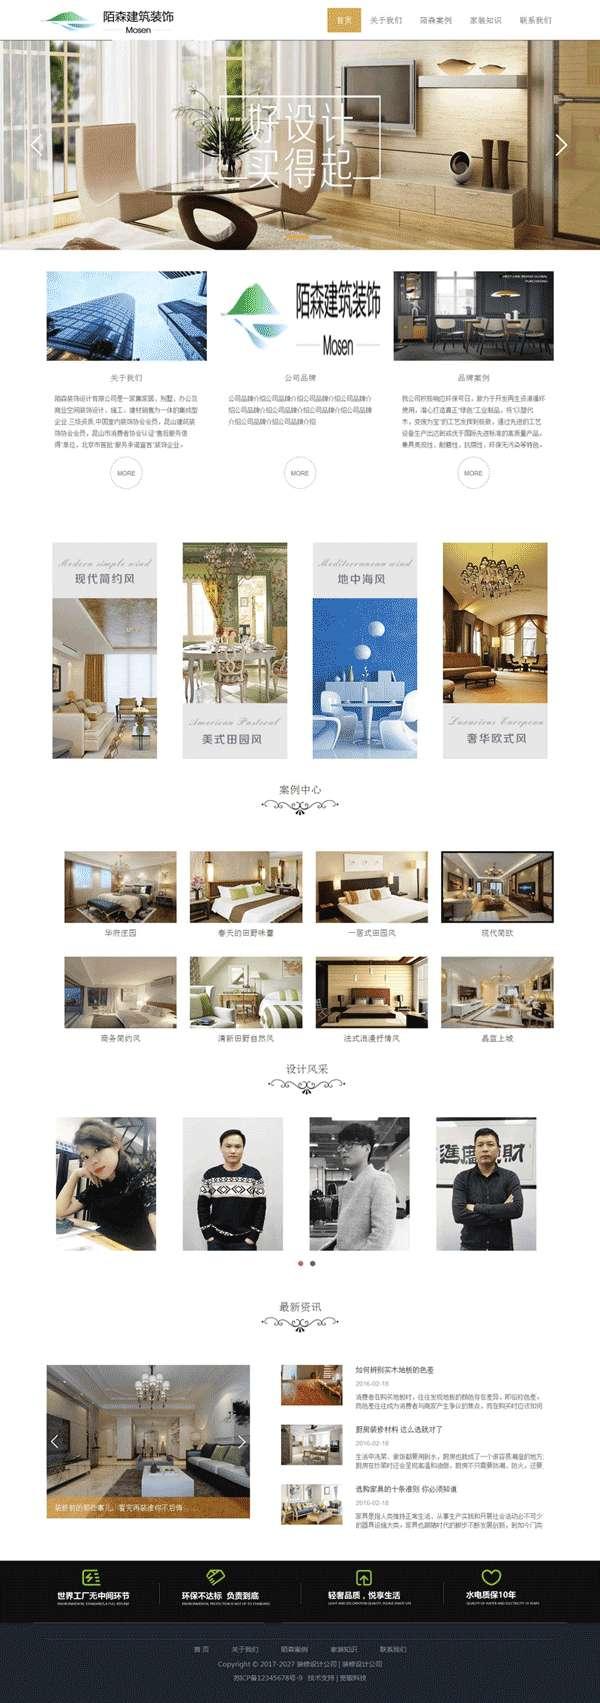 大气的建筑装饰设计公司网页模板